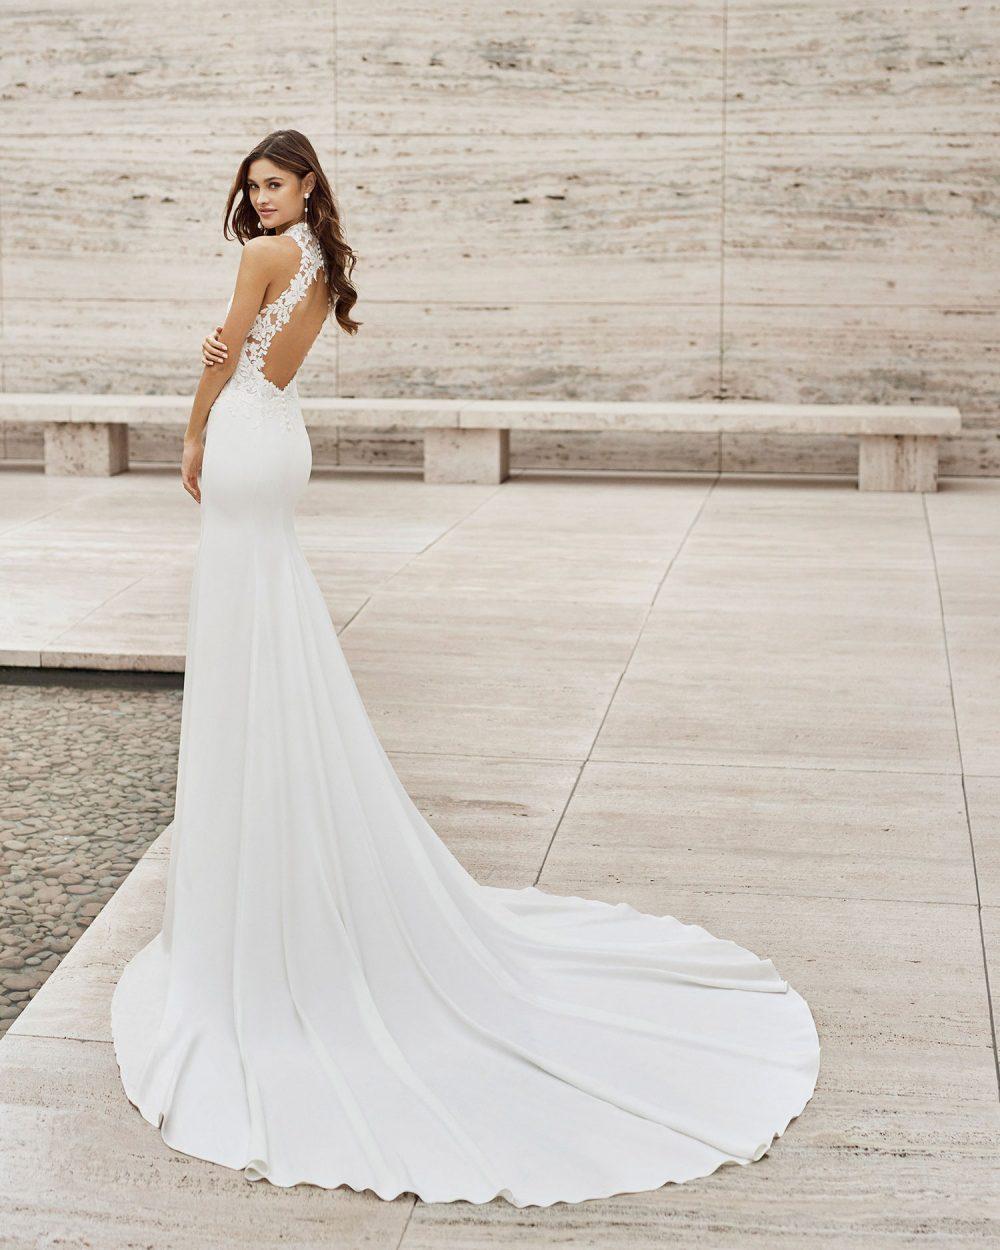 Rosa Clarà 2022 abito vestito sposa Vicenza NASH